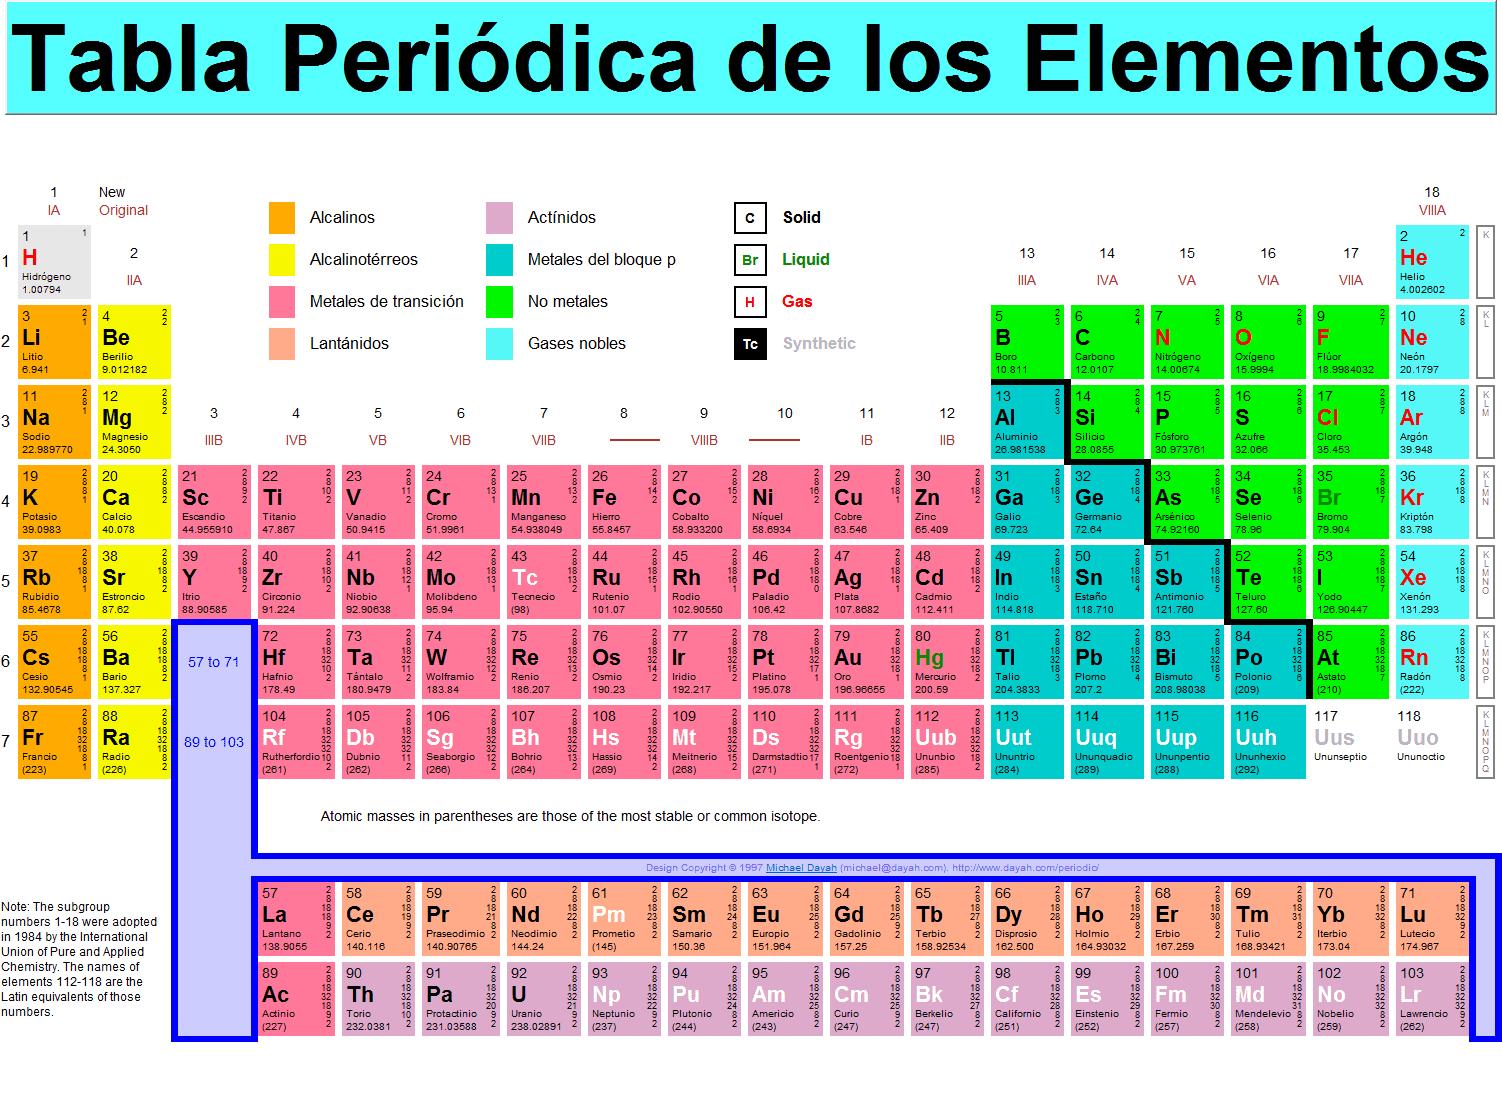 Qumica abril 2013 color de sus lneas espectrales caractersticas cesio cs del latn caesus azul talio tl de tallo por su color verde rubidio rb rojo etc urtaz Gallery